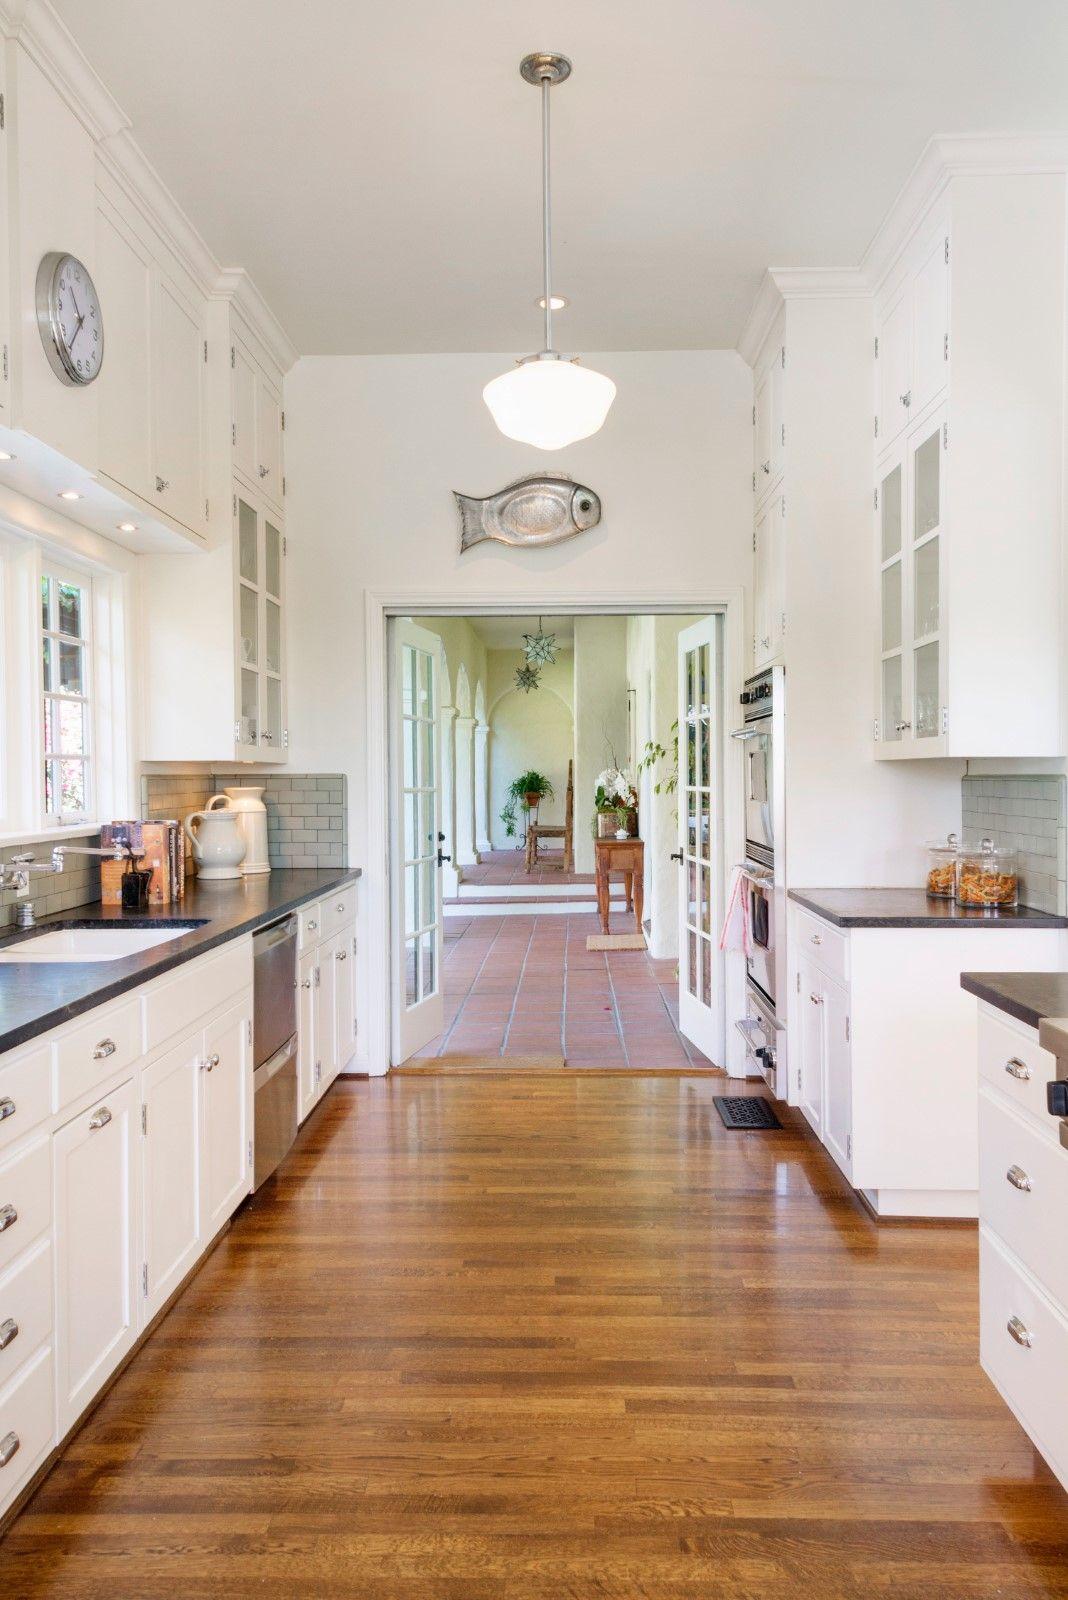 1927 California Spanish Revival kitchen, sensitive remodel ...